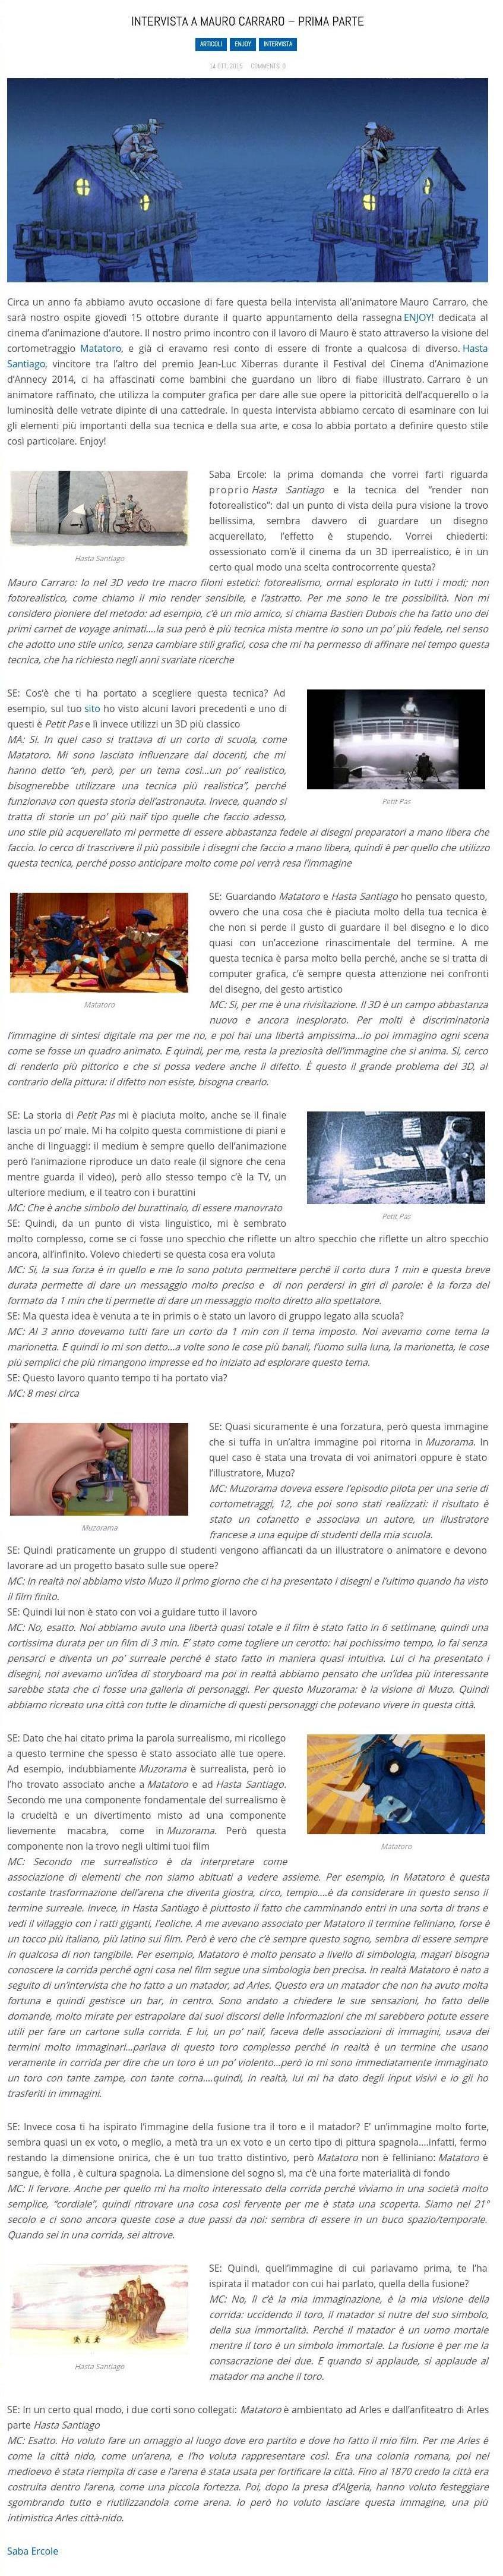 LA SCATOLA BLU_Intervista a Mauro Carraro – prima parte_Saba-Ercole_14-10-2015